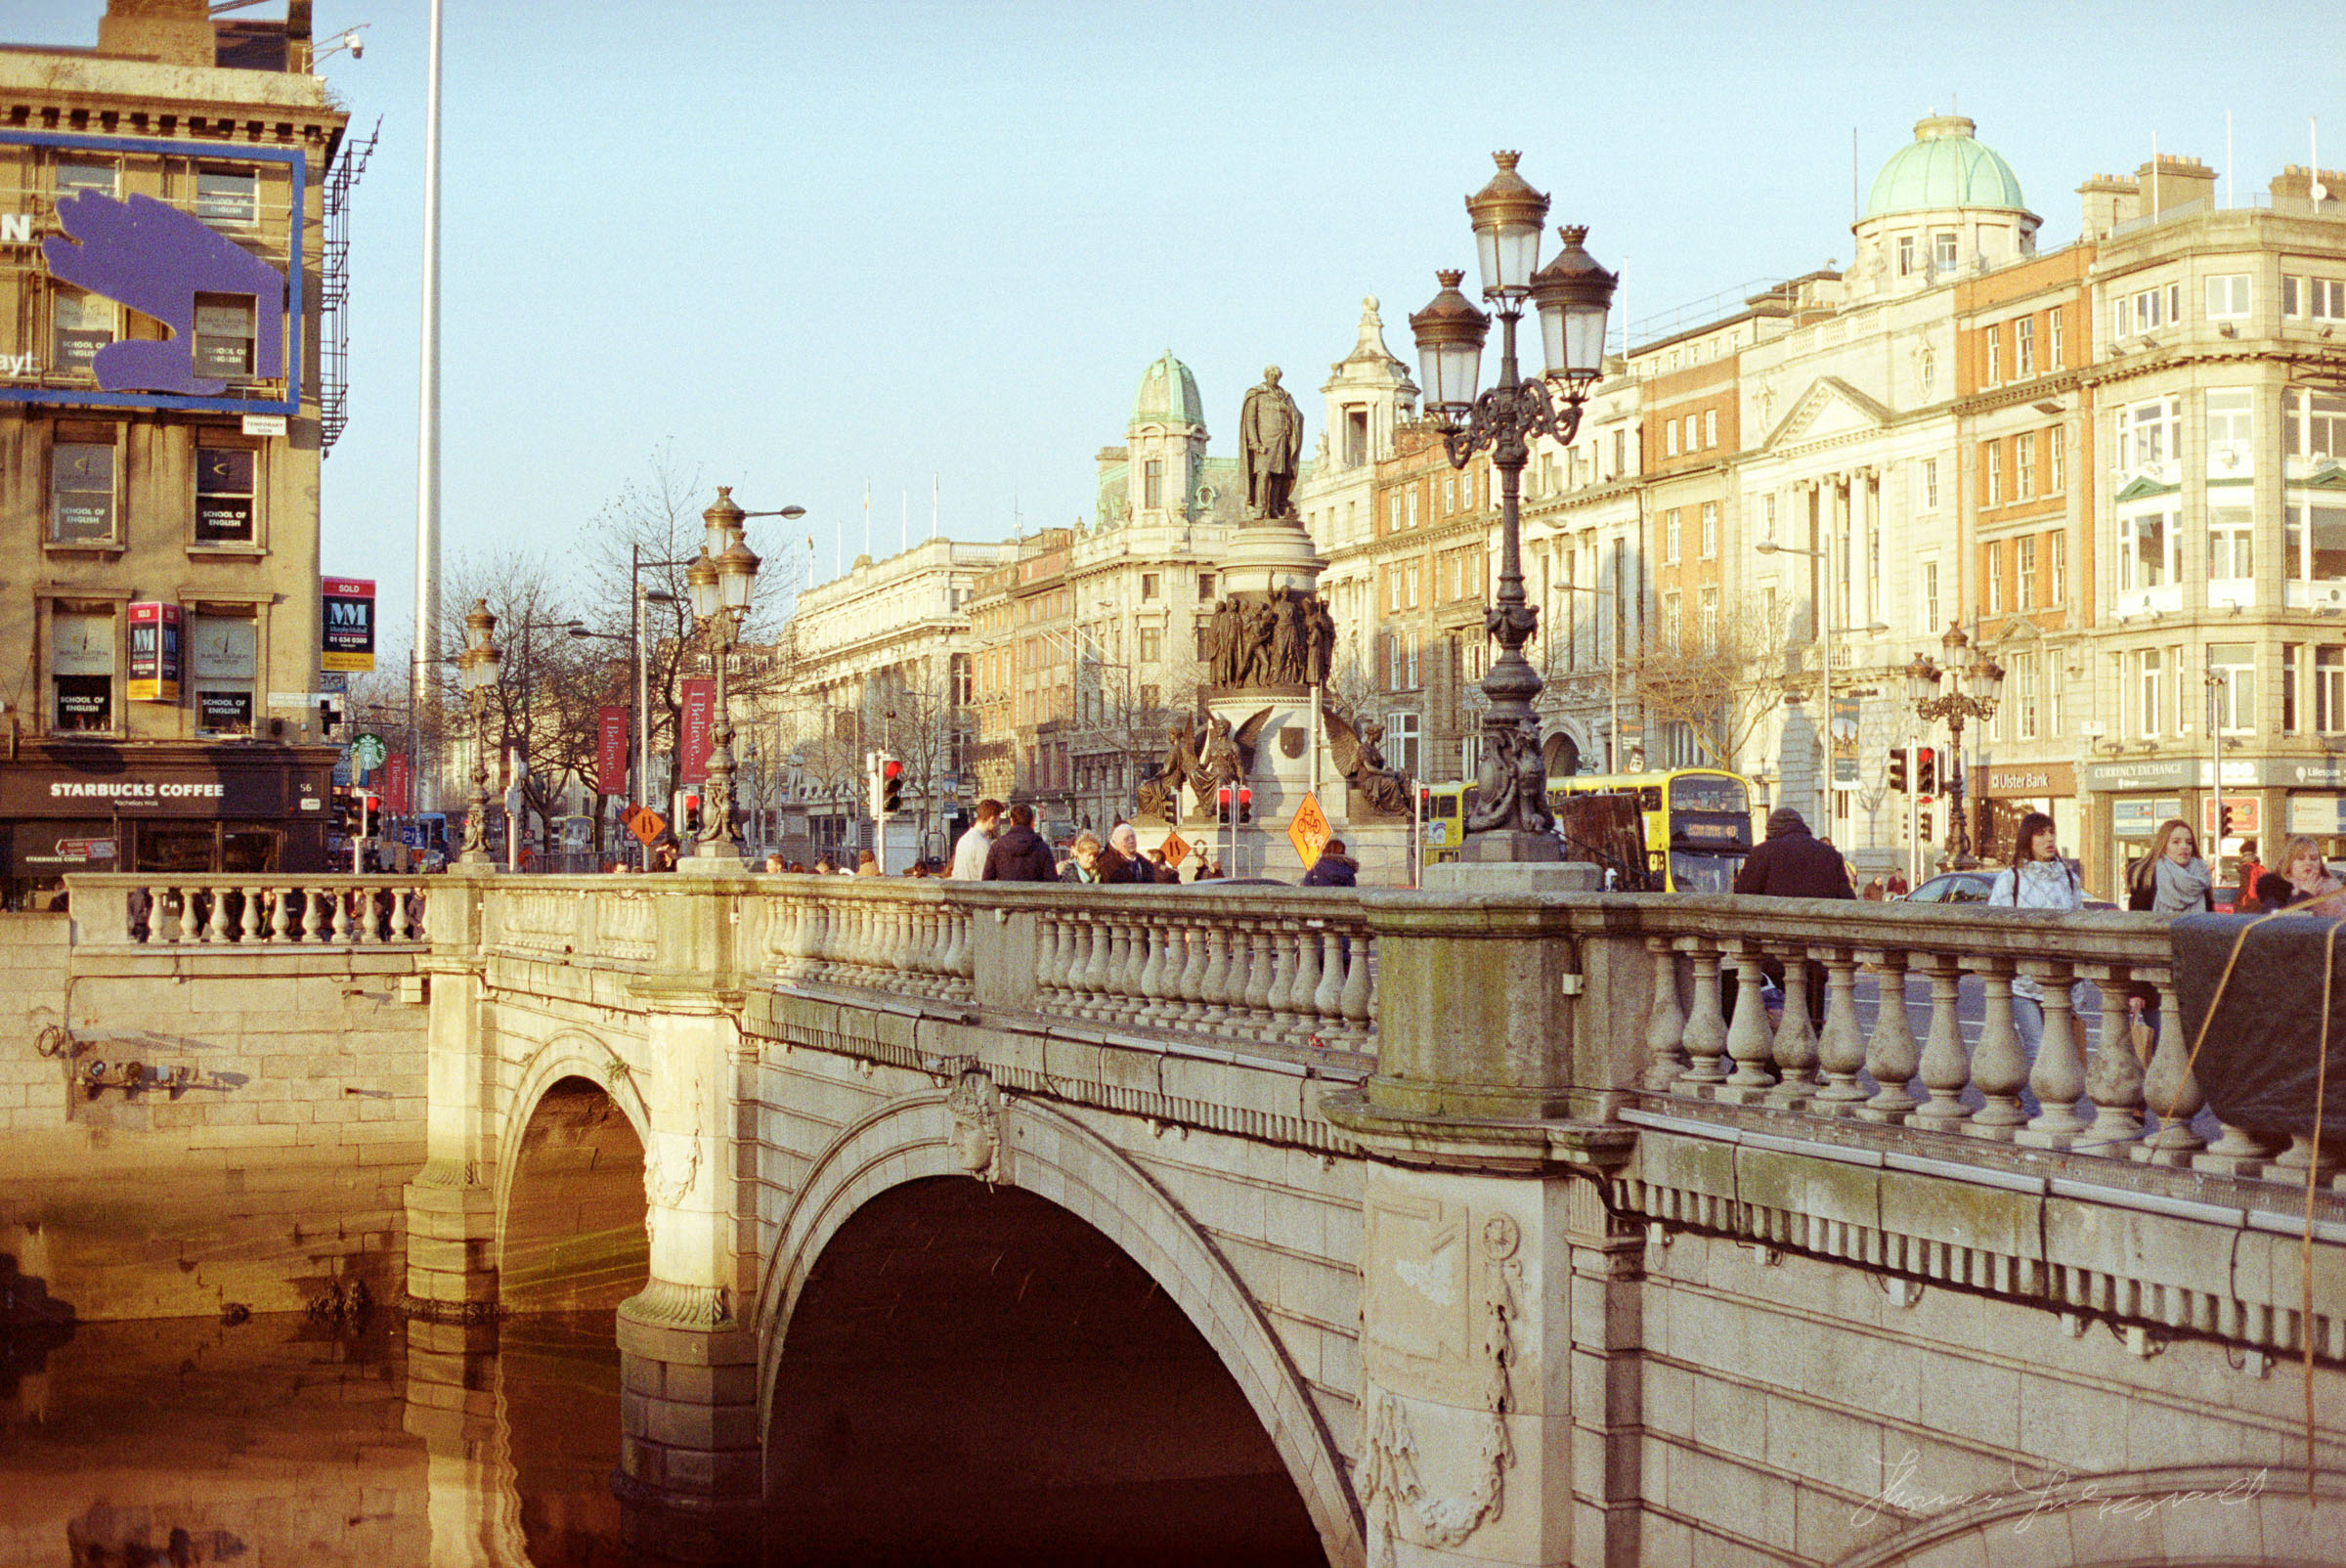 O'Connell Bridge in Dublin - Colour Film - Streets of Dublin